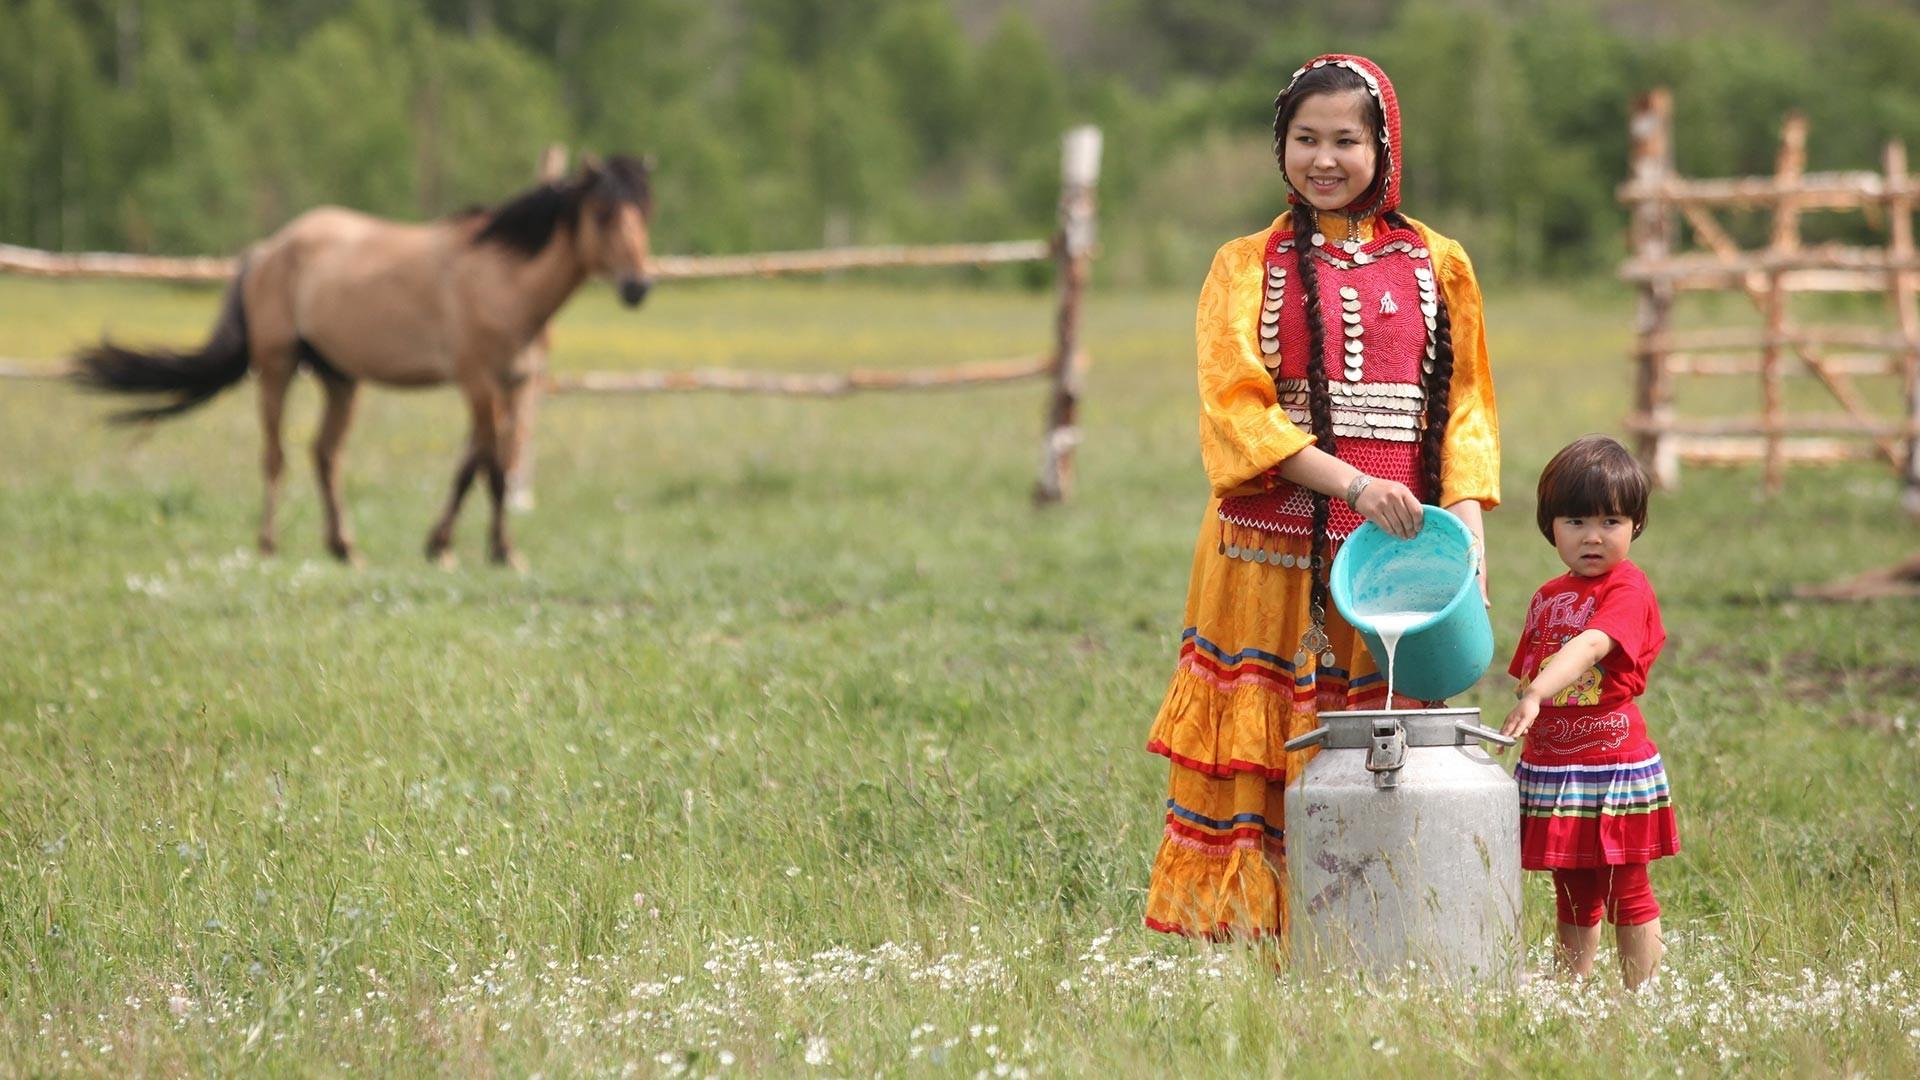 Baškirija. Shranjevanje mleka po molži kobile na zasebni kmetiji za pridelavo kumisa.